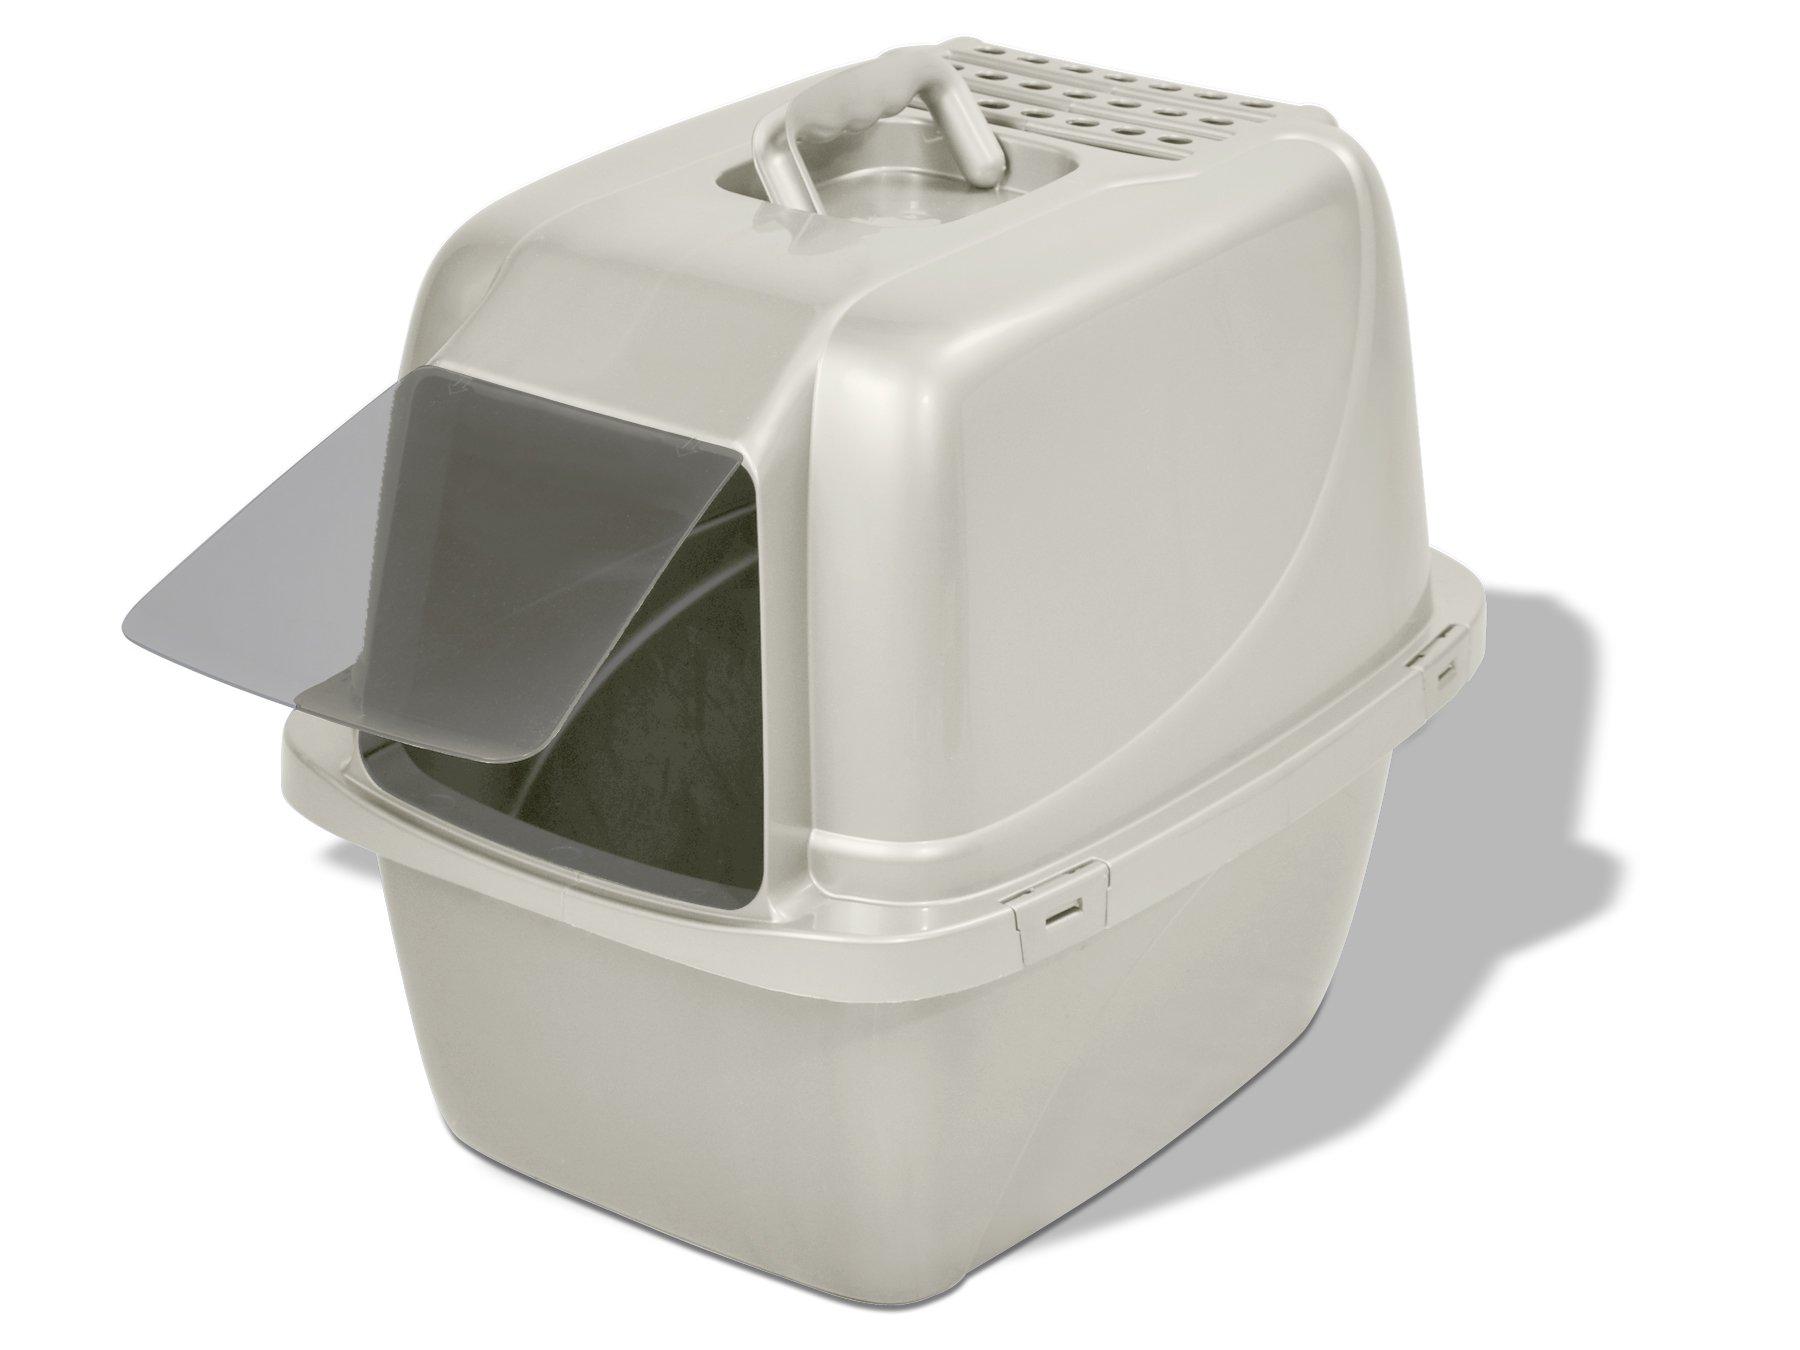 Van Ness Odor Control Large Enclosed Cat Pan with Odor Door - #CP6 by Van Ness